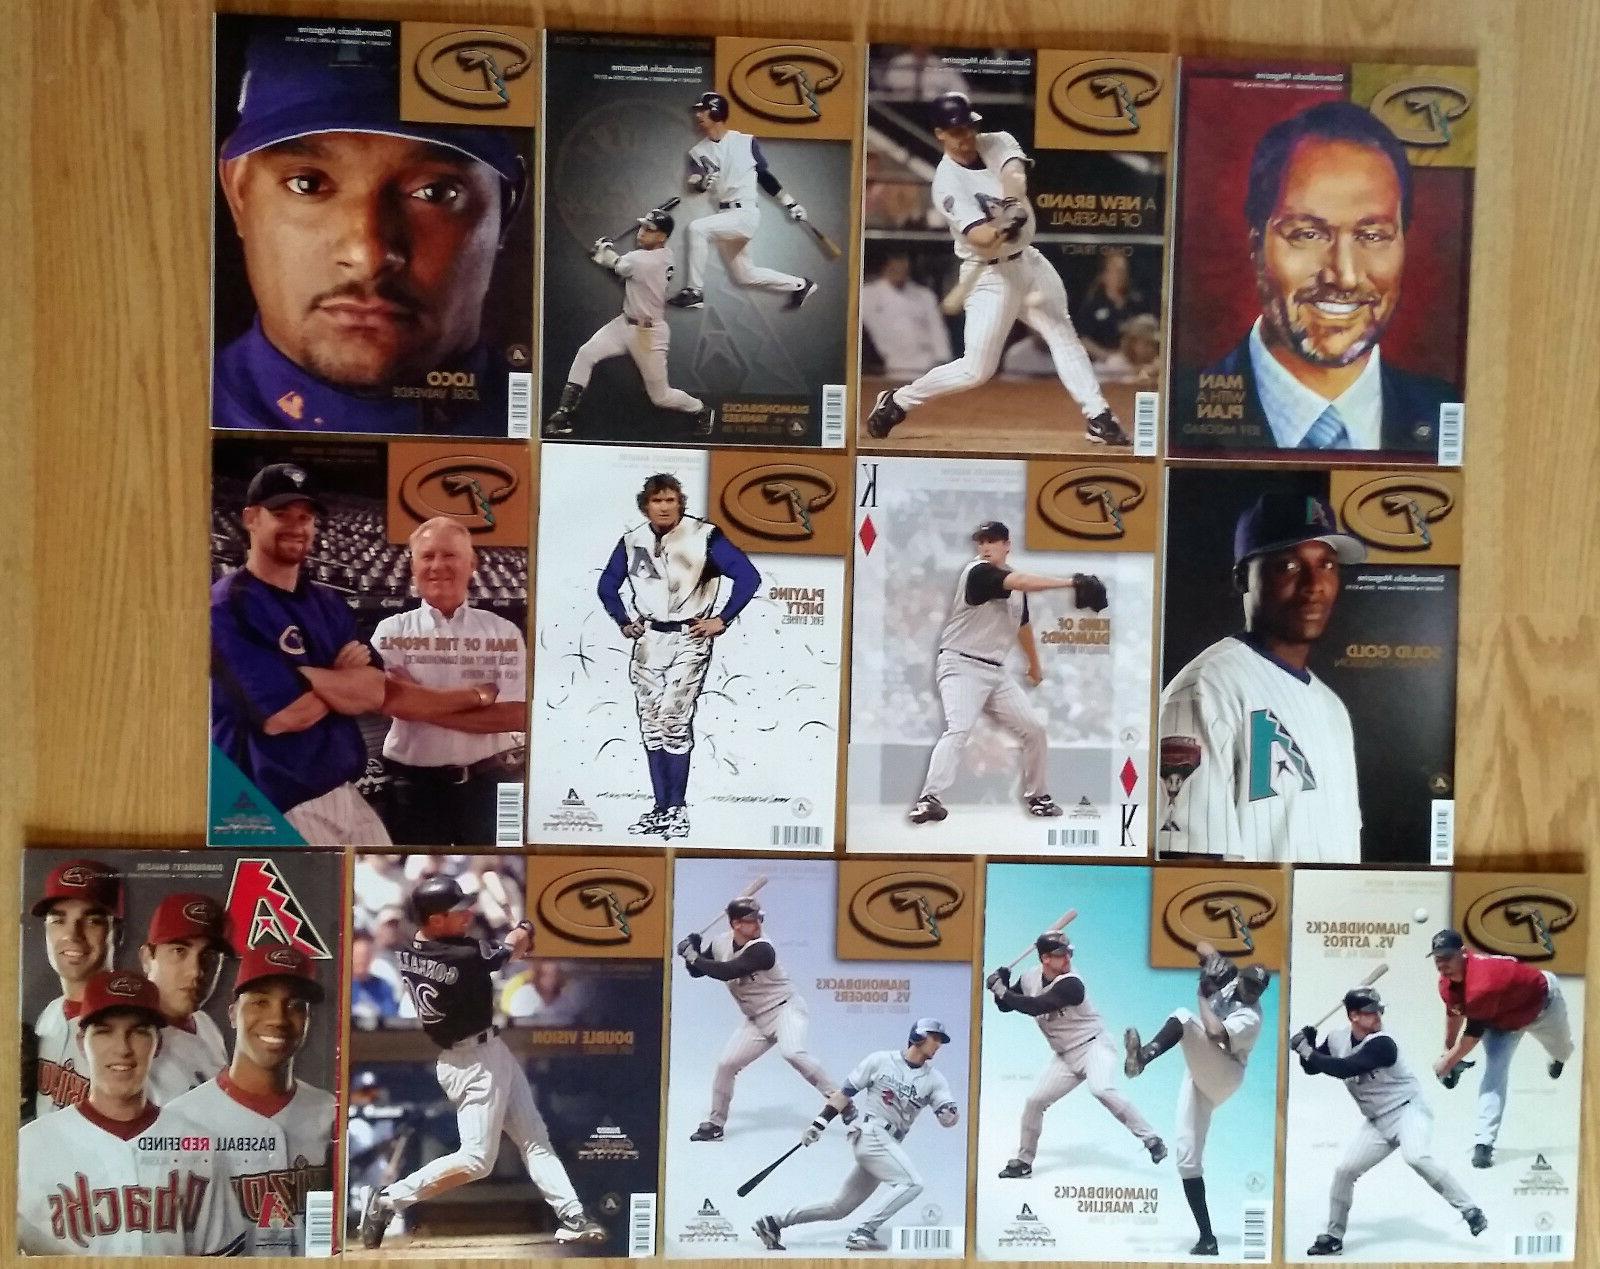 2006 arizona diamondbacks magazine dbacks mlb baseball